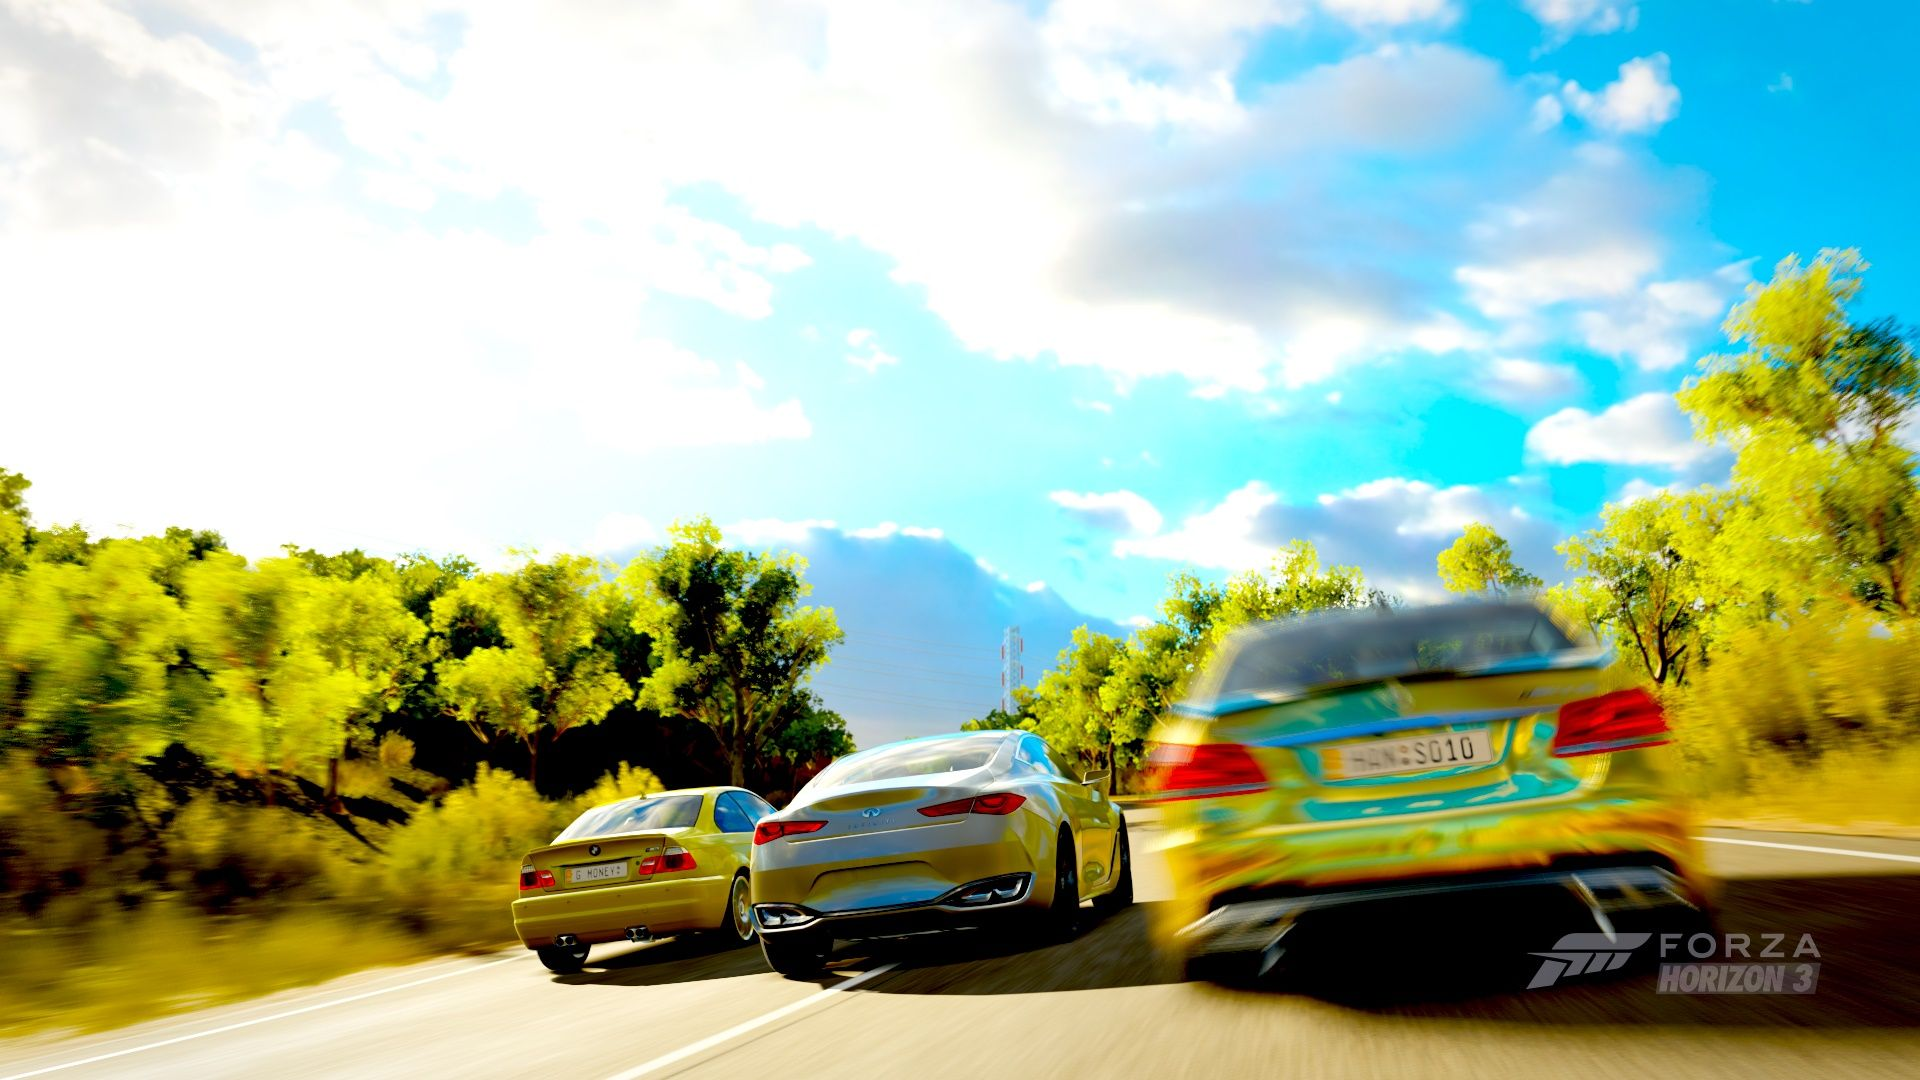 NPC cars